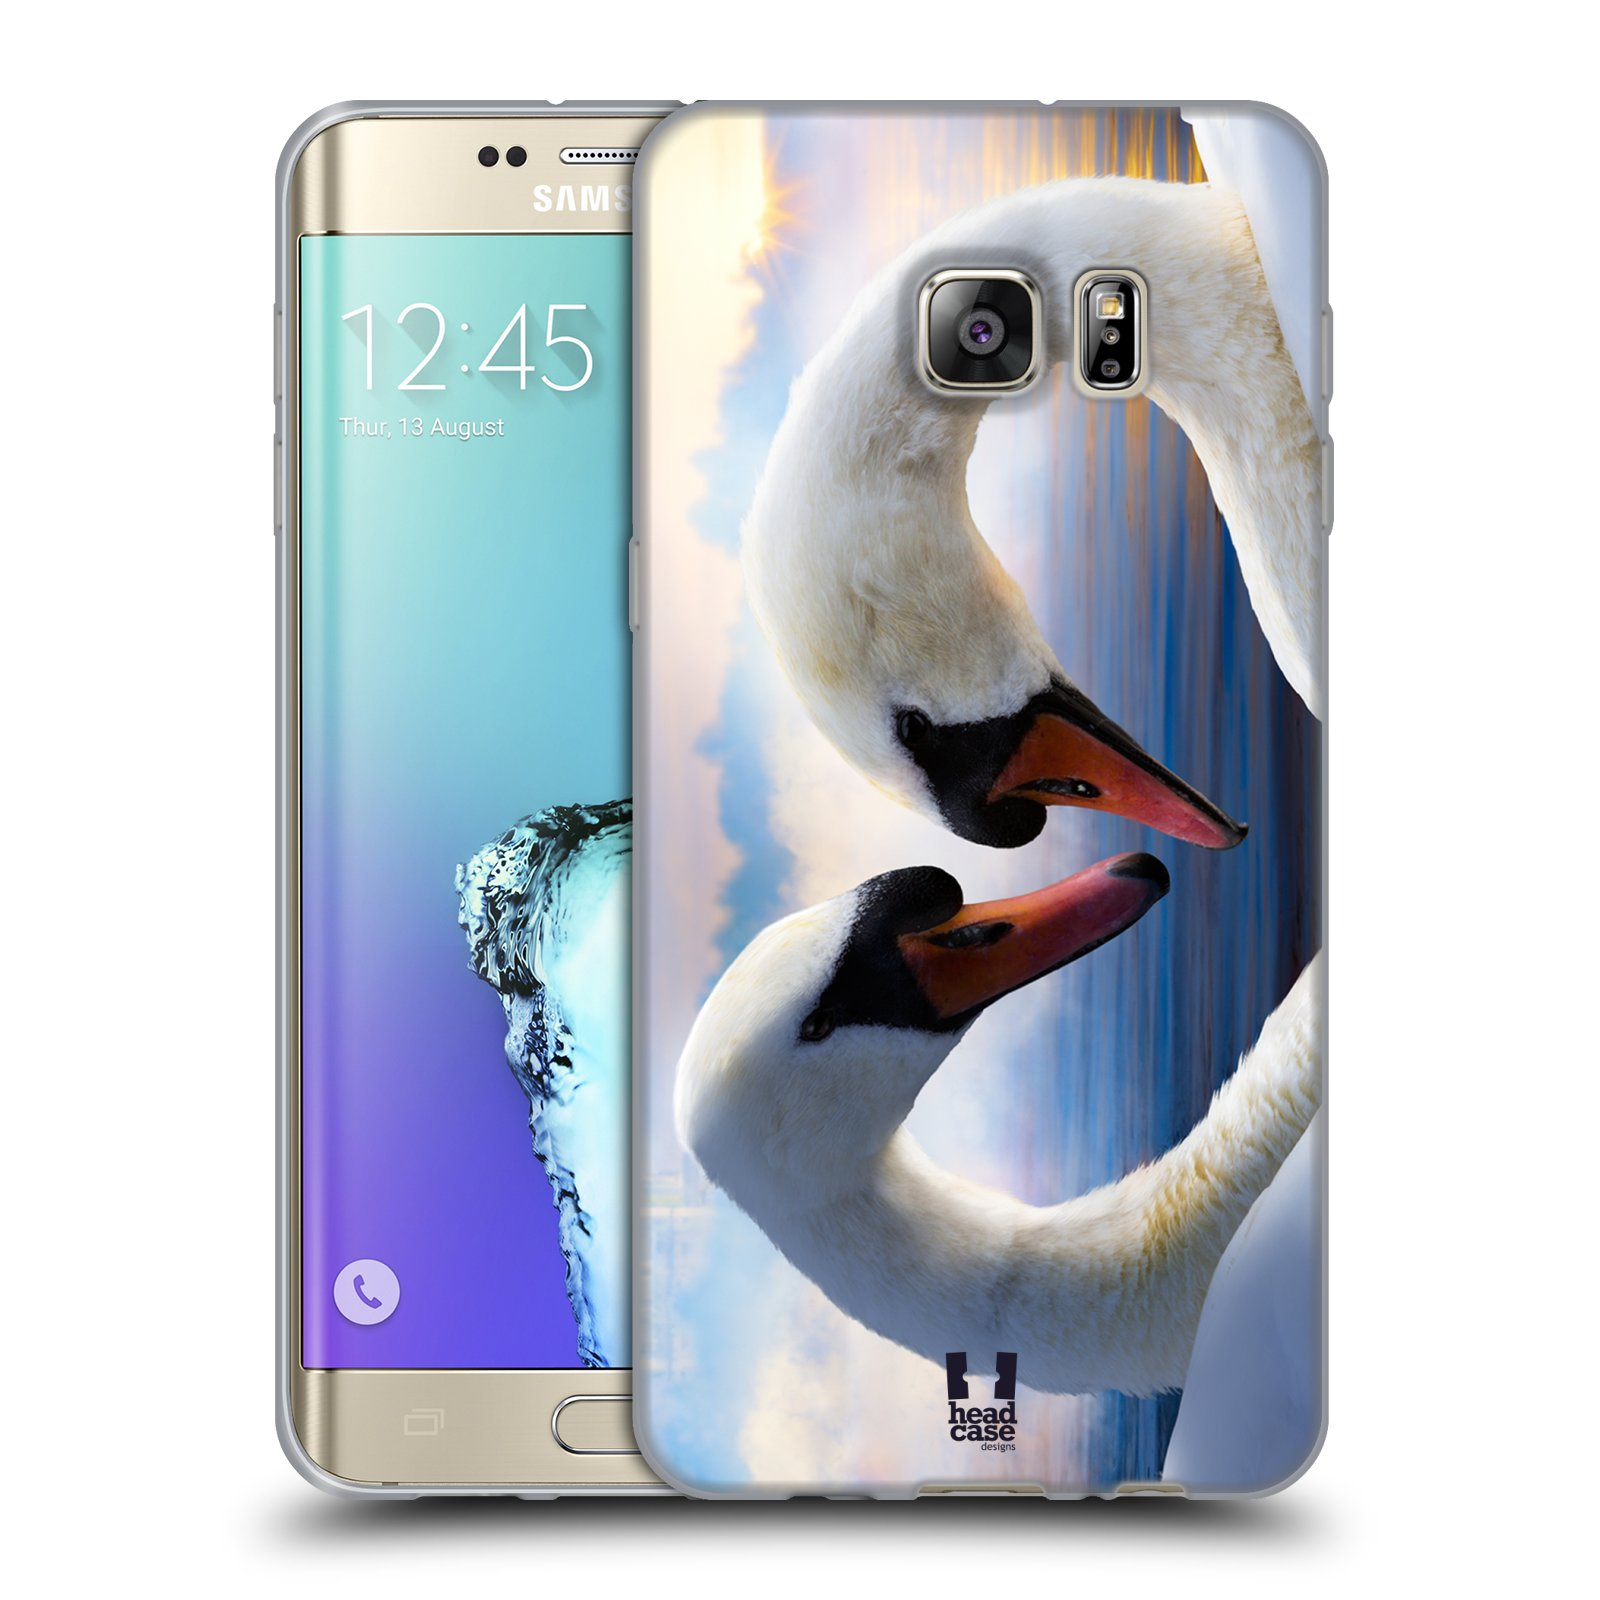 HEAD CASE silikonový obal na mobil Samsung Galaxy S6 EDGE PLUS vzor Divočina, Divoký život a zvířata foto ZAMILOVANÉ LABUTĚ, LÁSKA